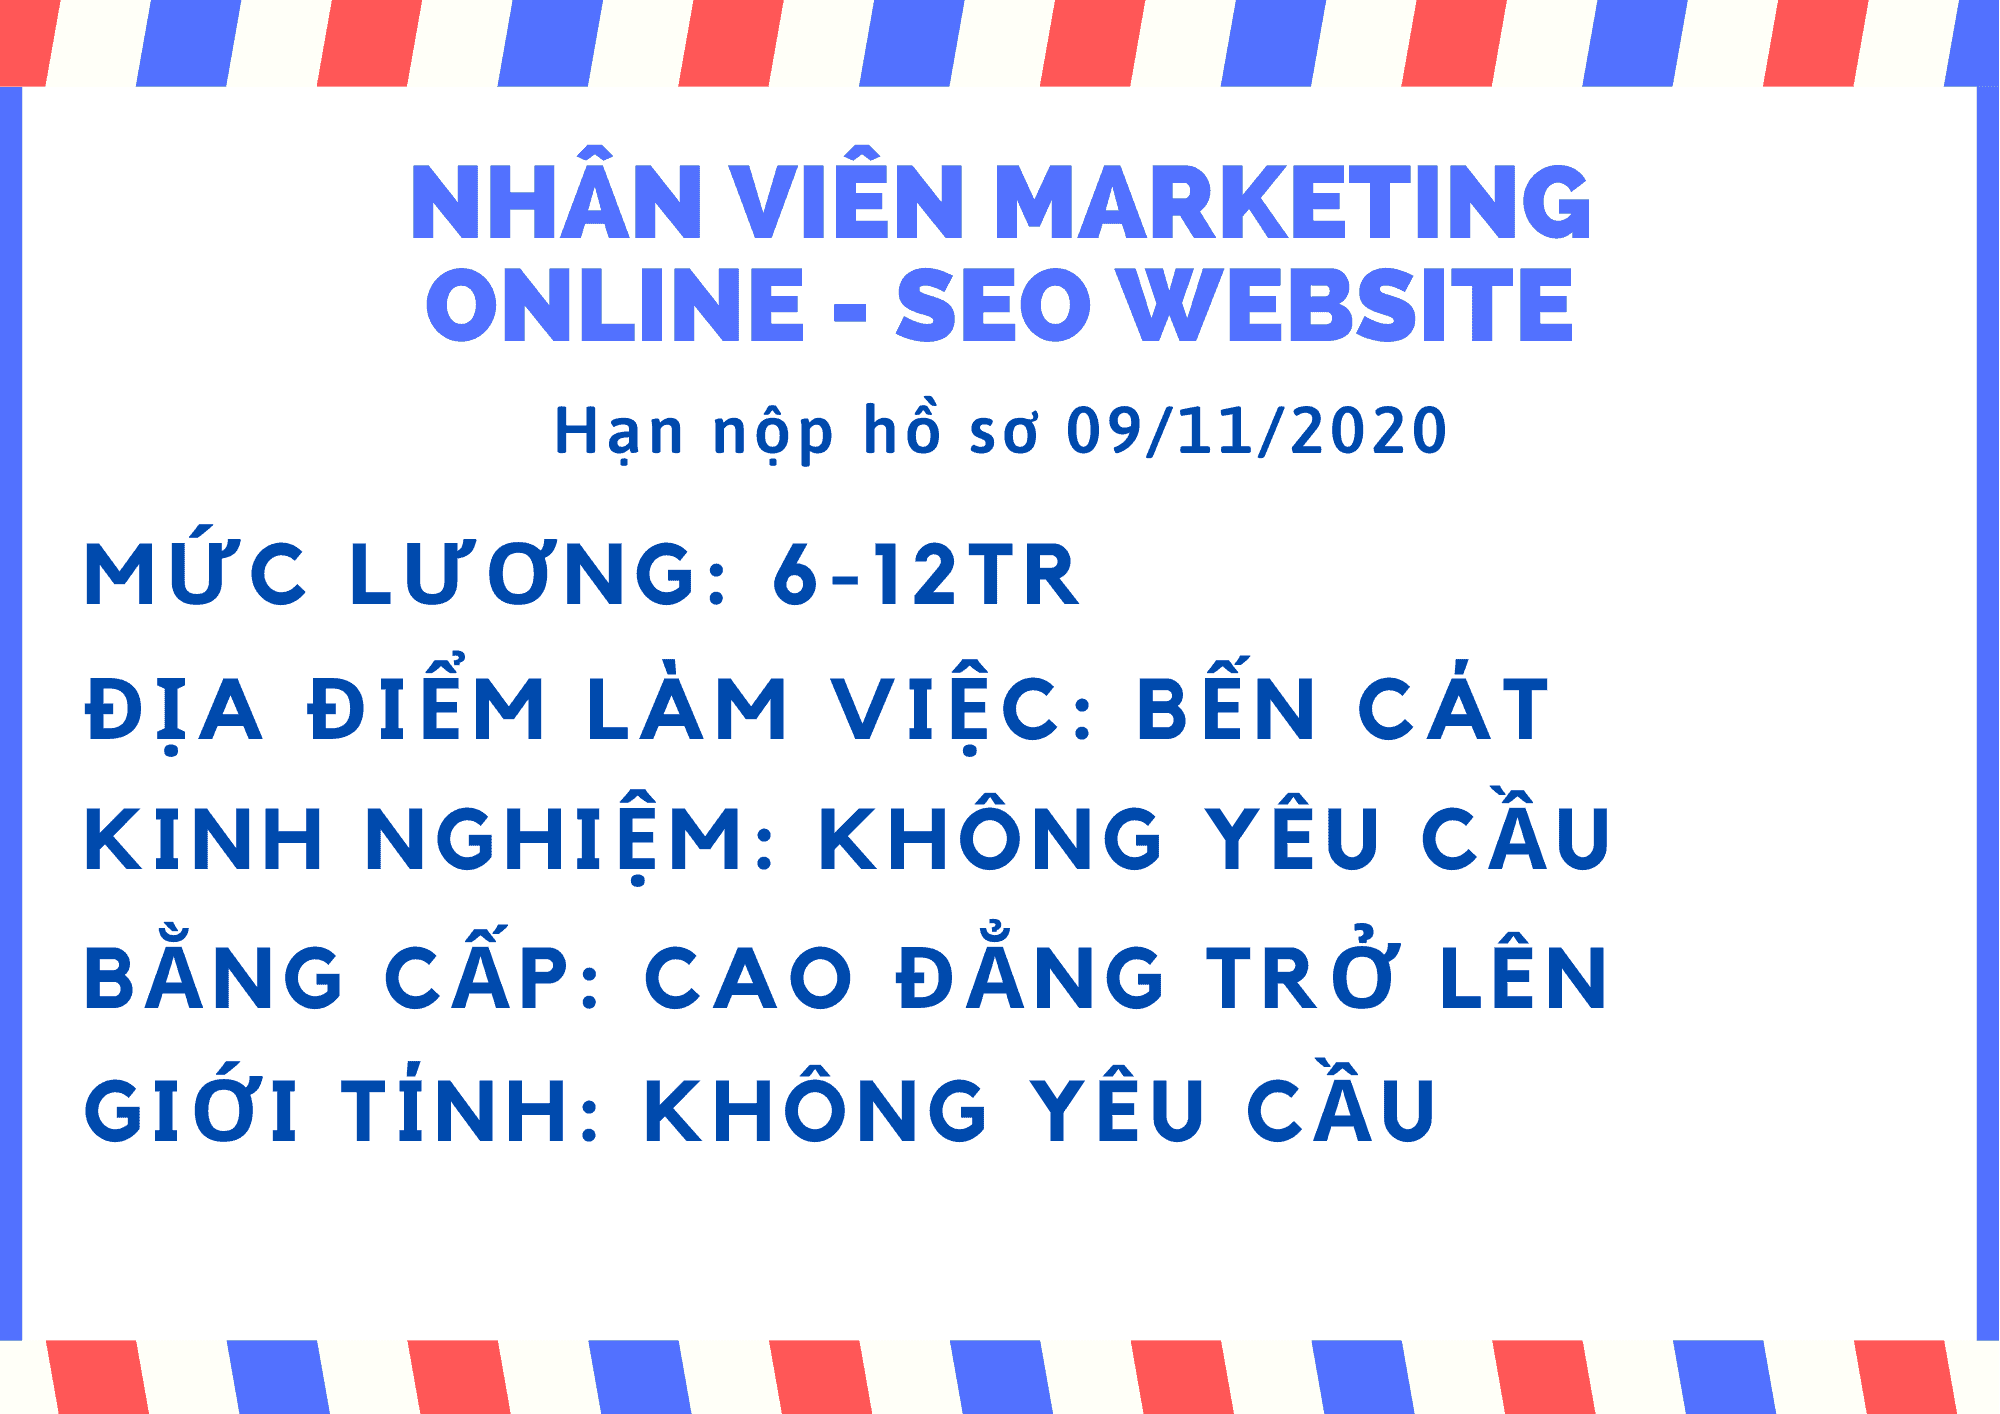 Nhân Viên Marketing Online - SEO Website (1)